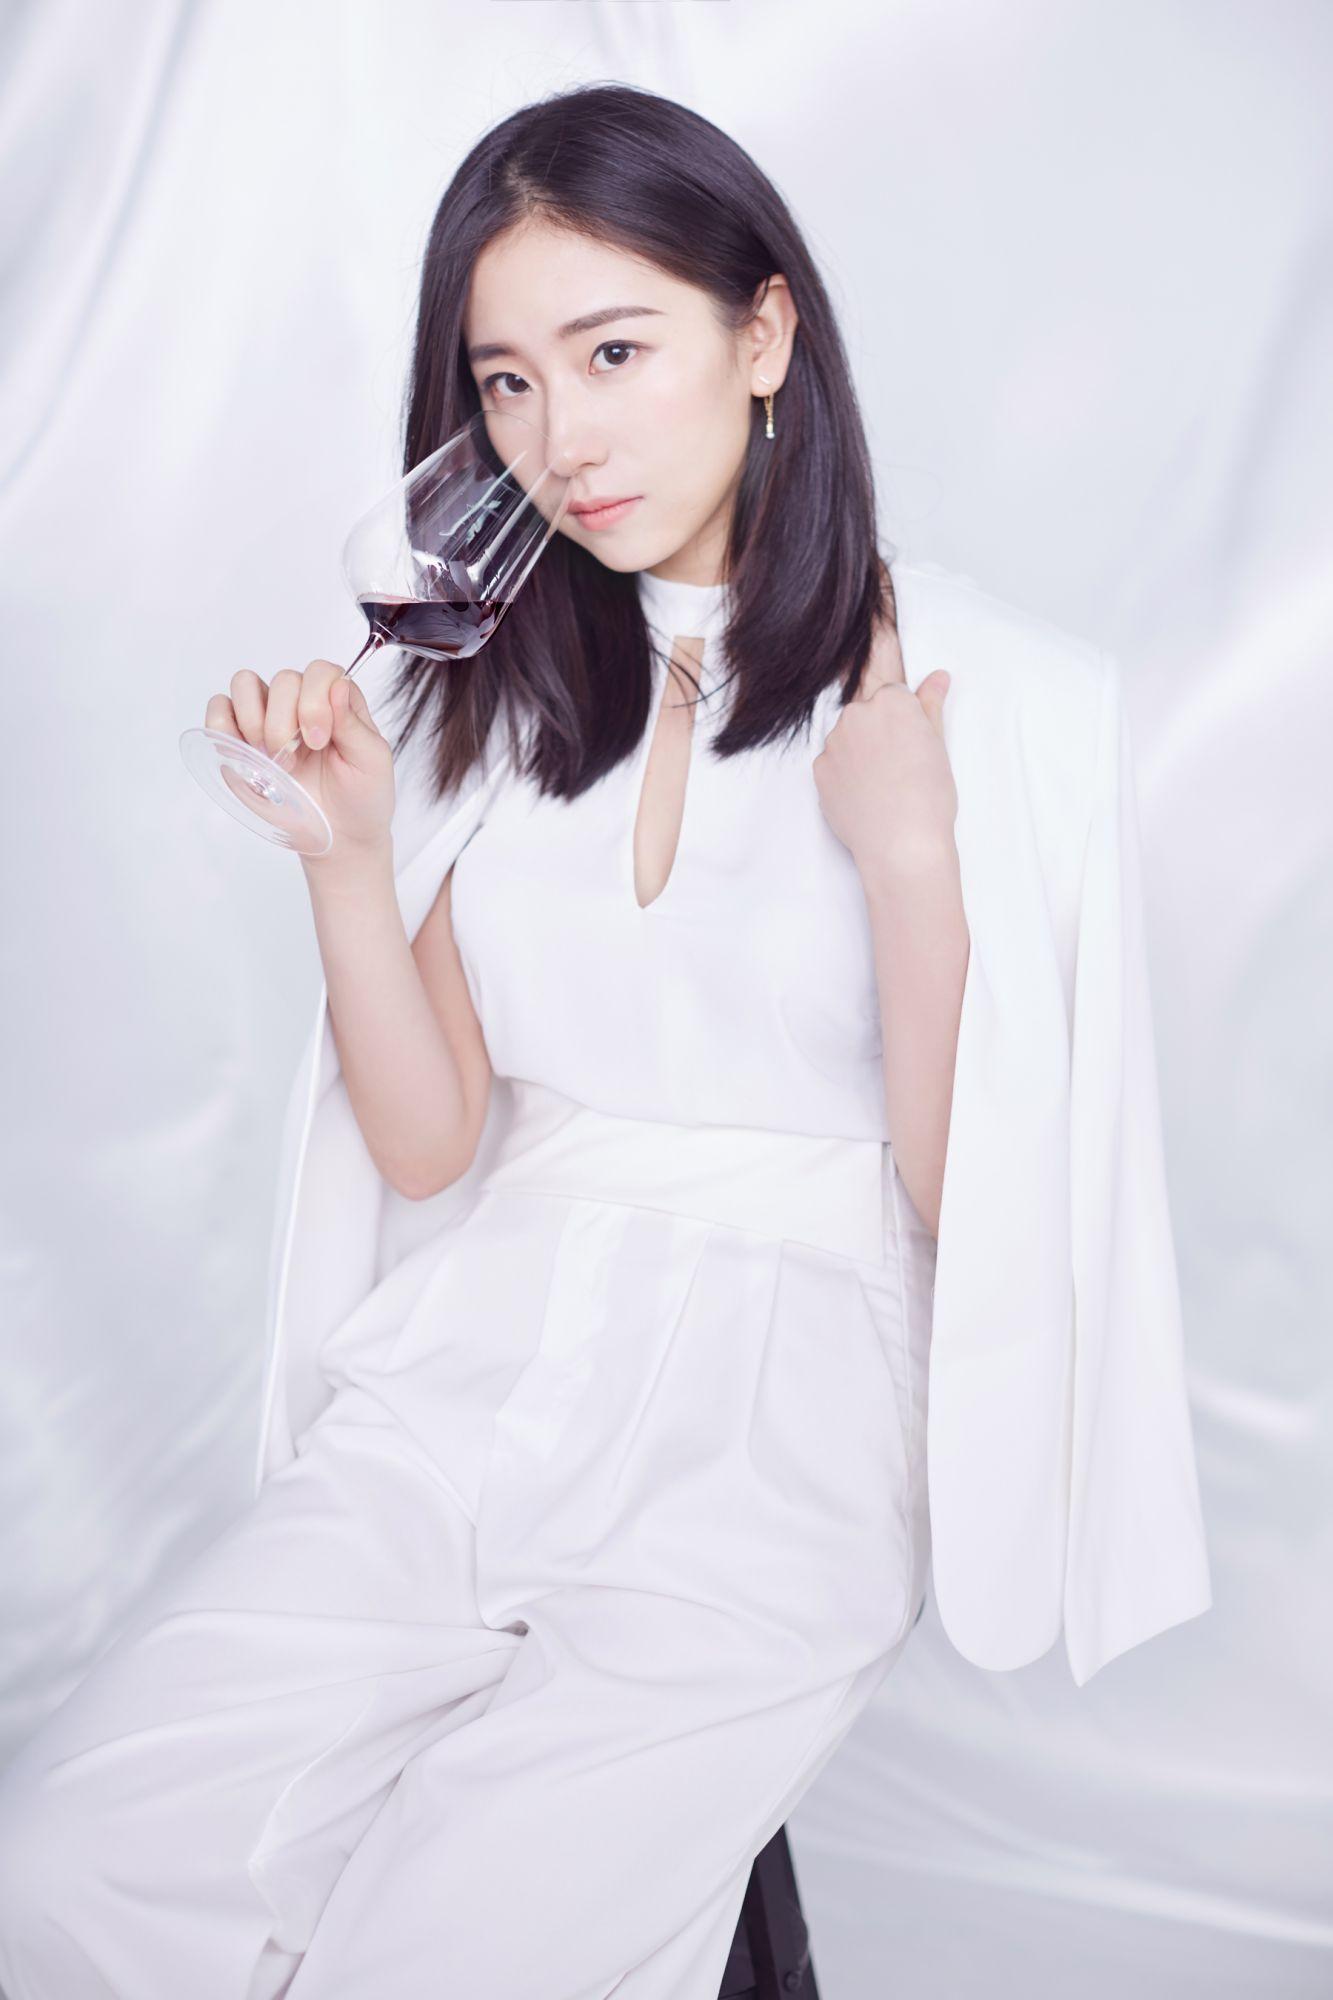 Wang Shenghan (Karla)